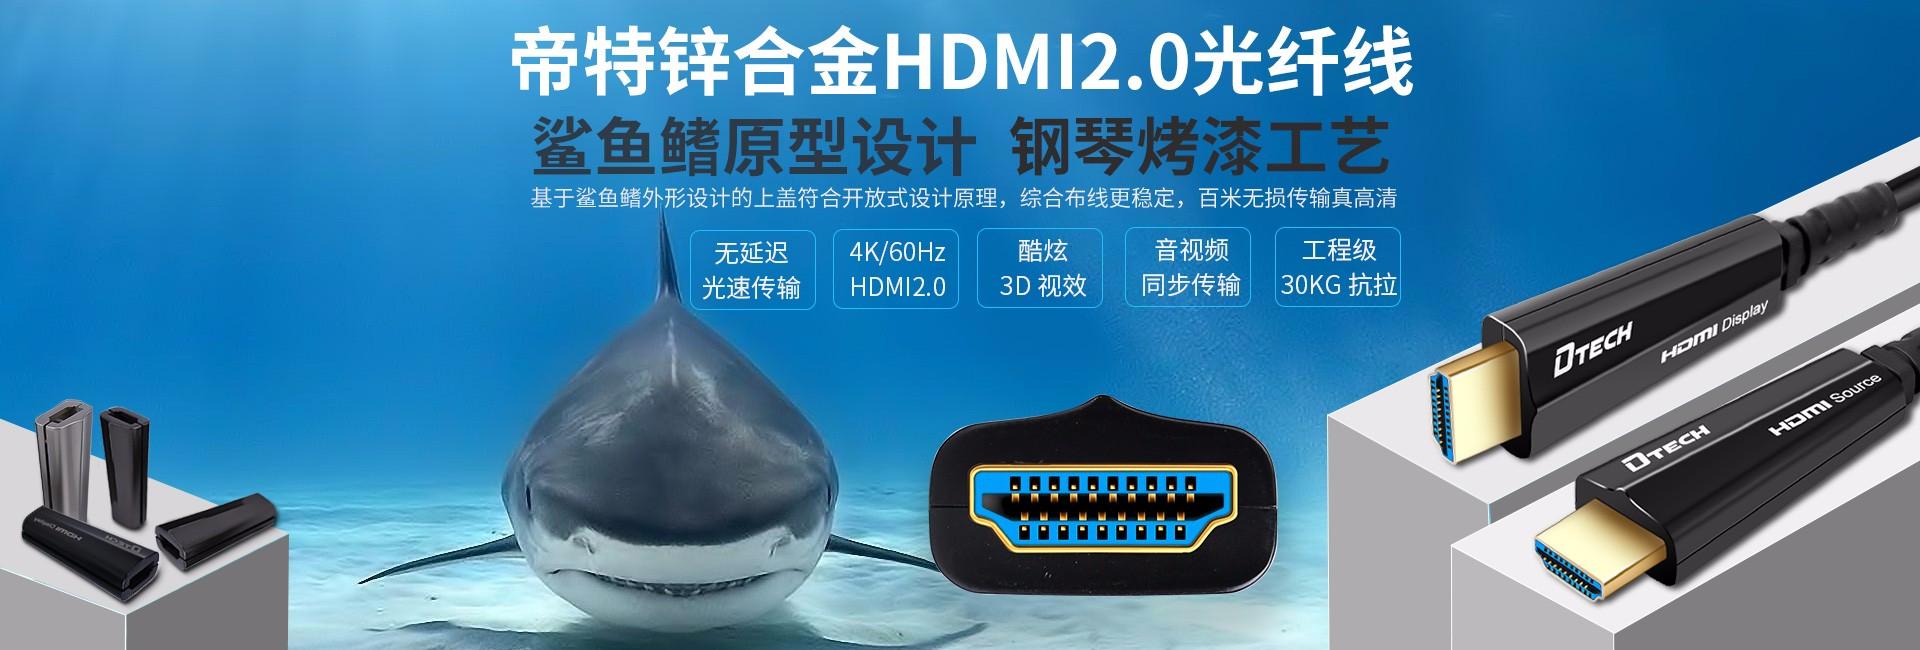 锌合金HDMI2.0光纤线